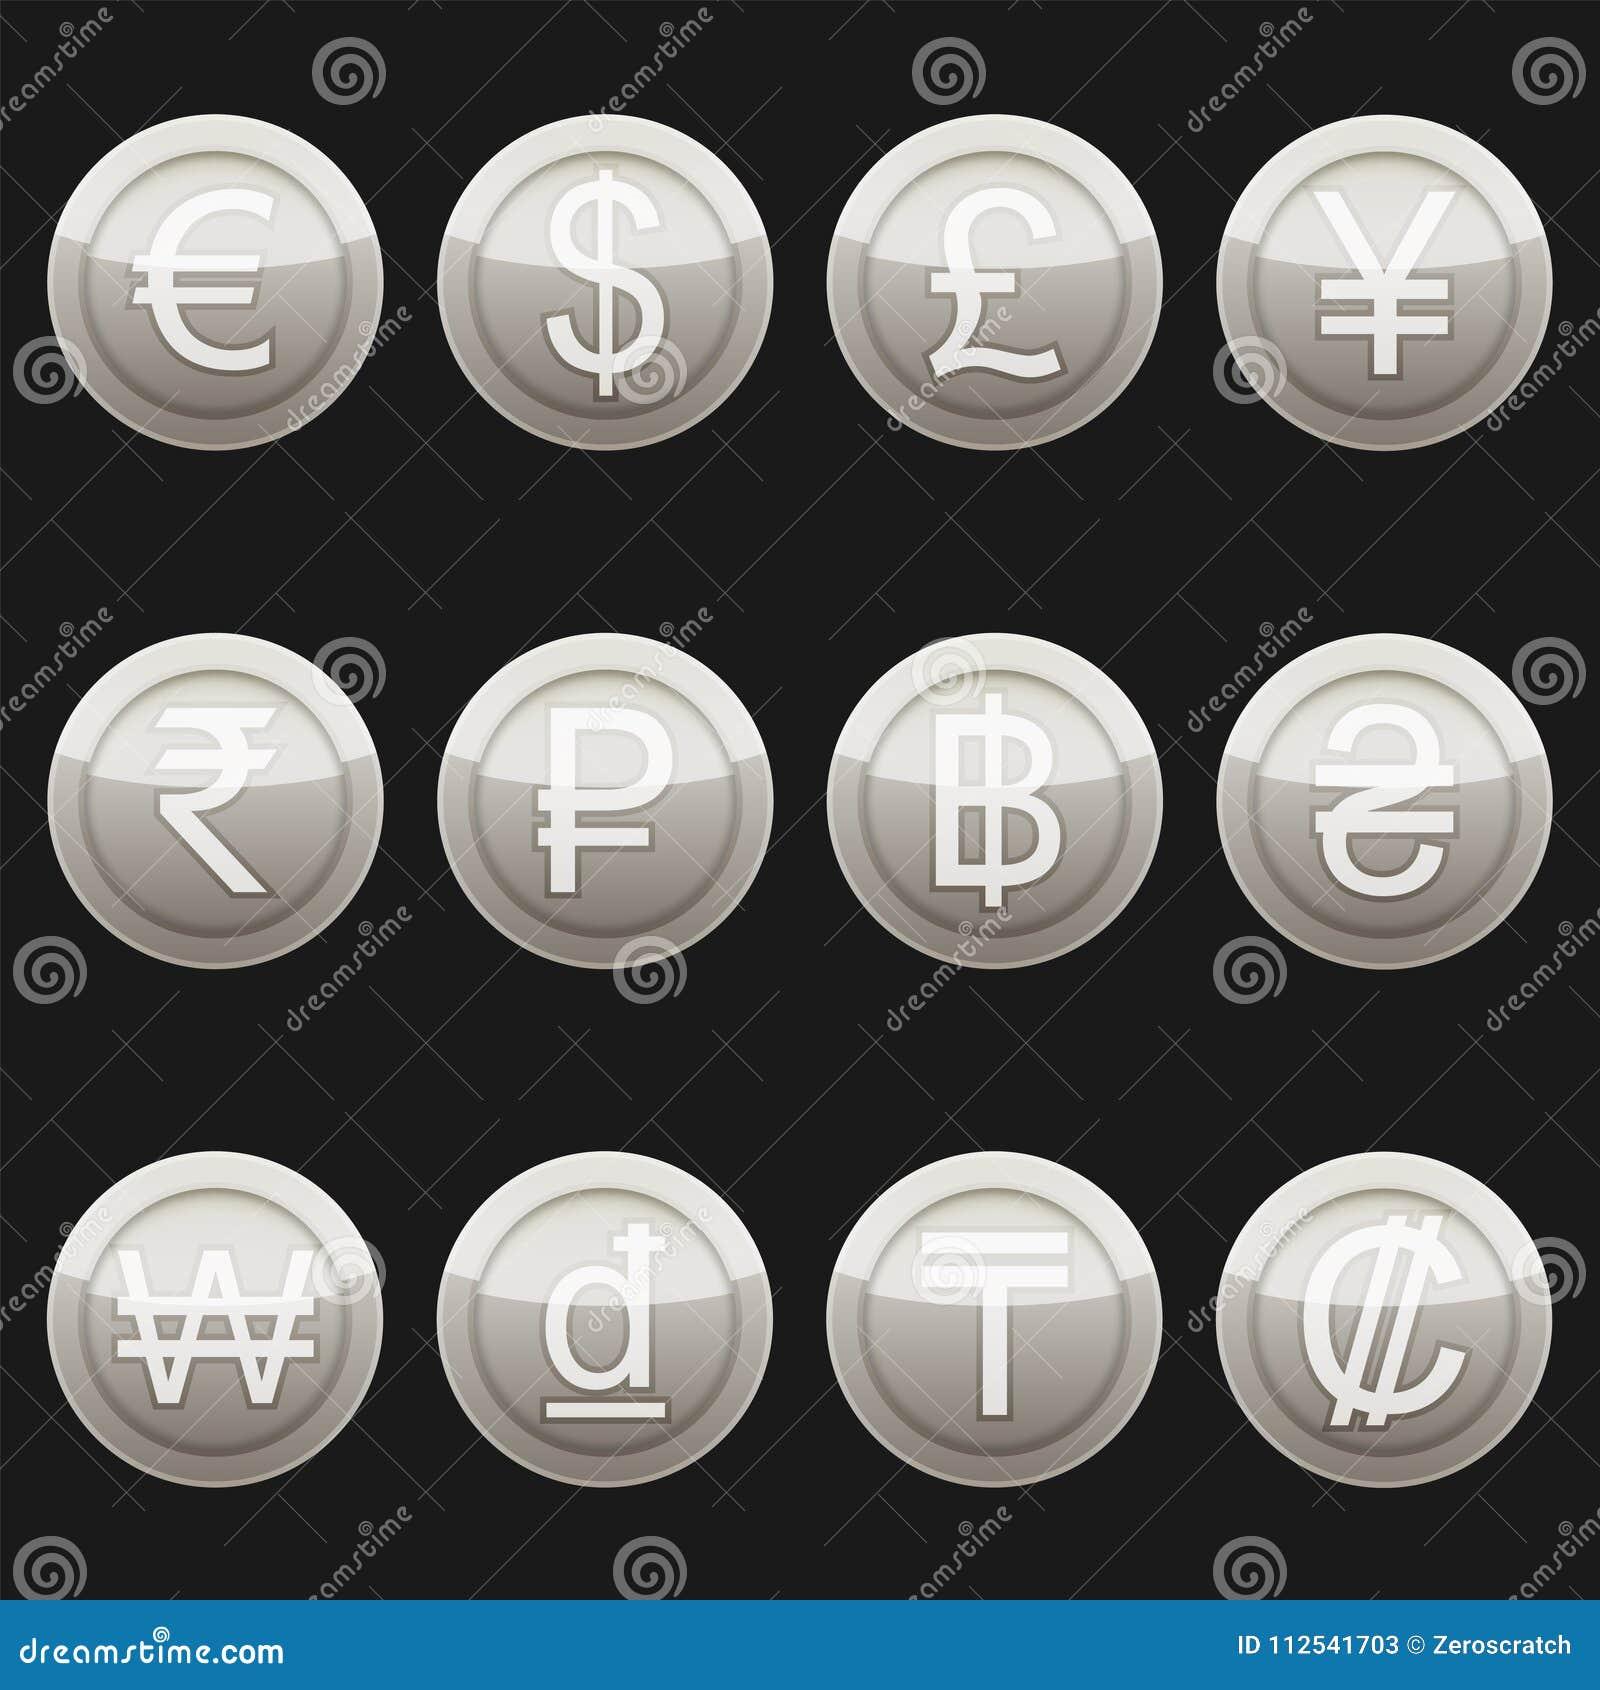 1a82b81dffc0 Platino metálico de los iconos de los símbolos de las monedas de la moneda  con los